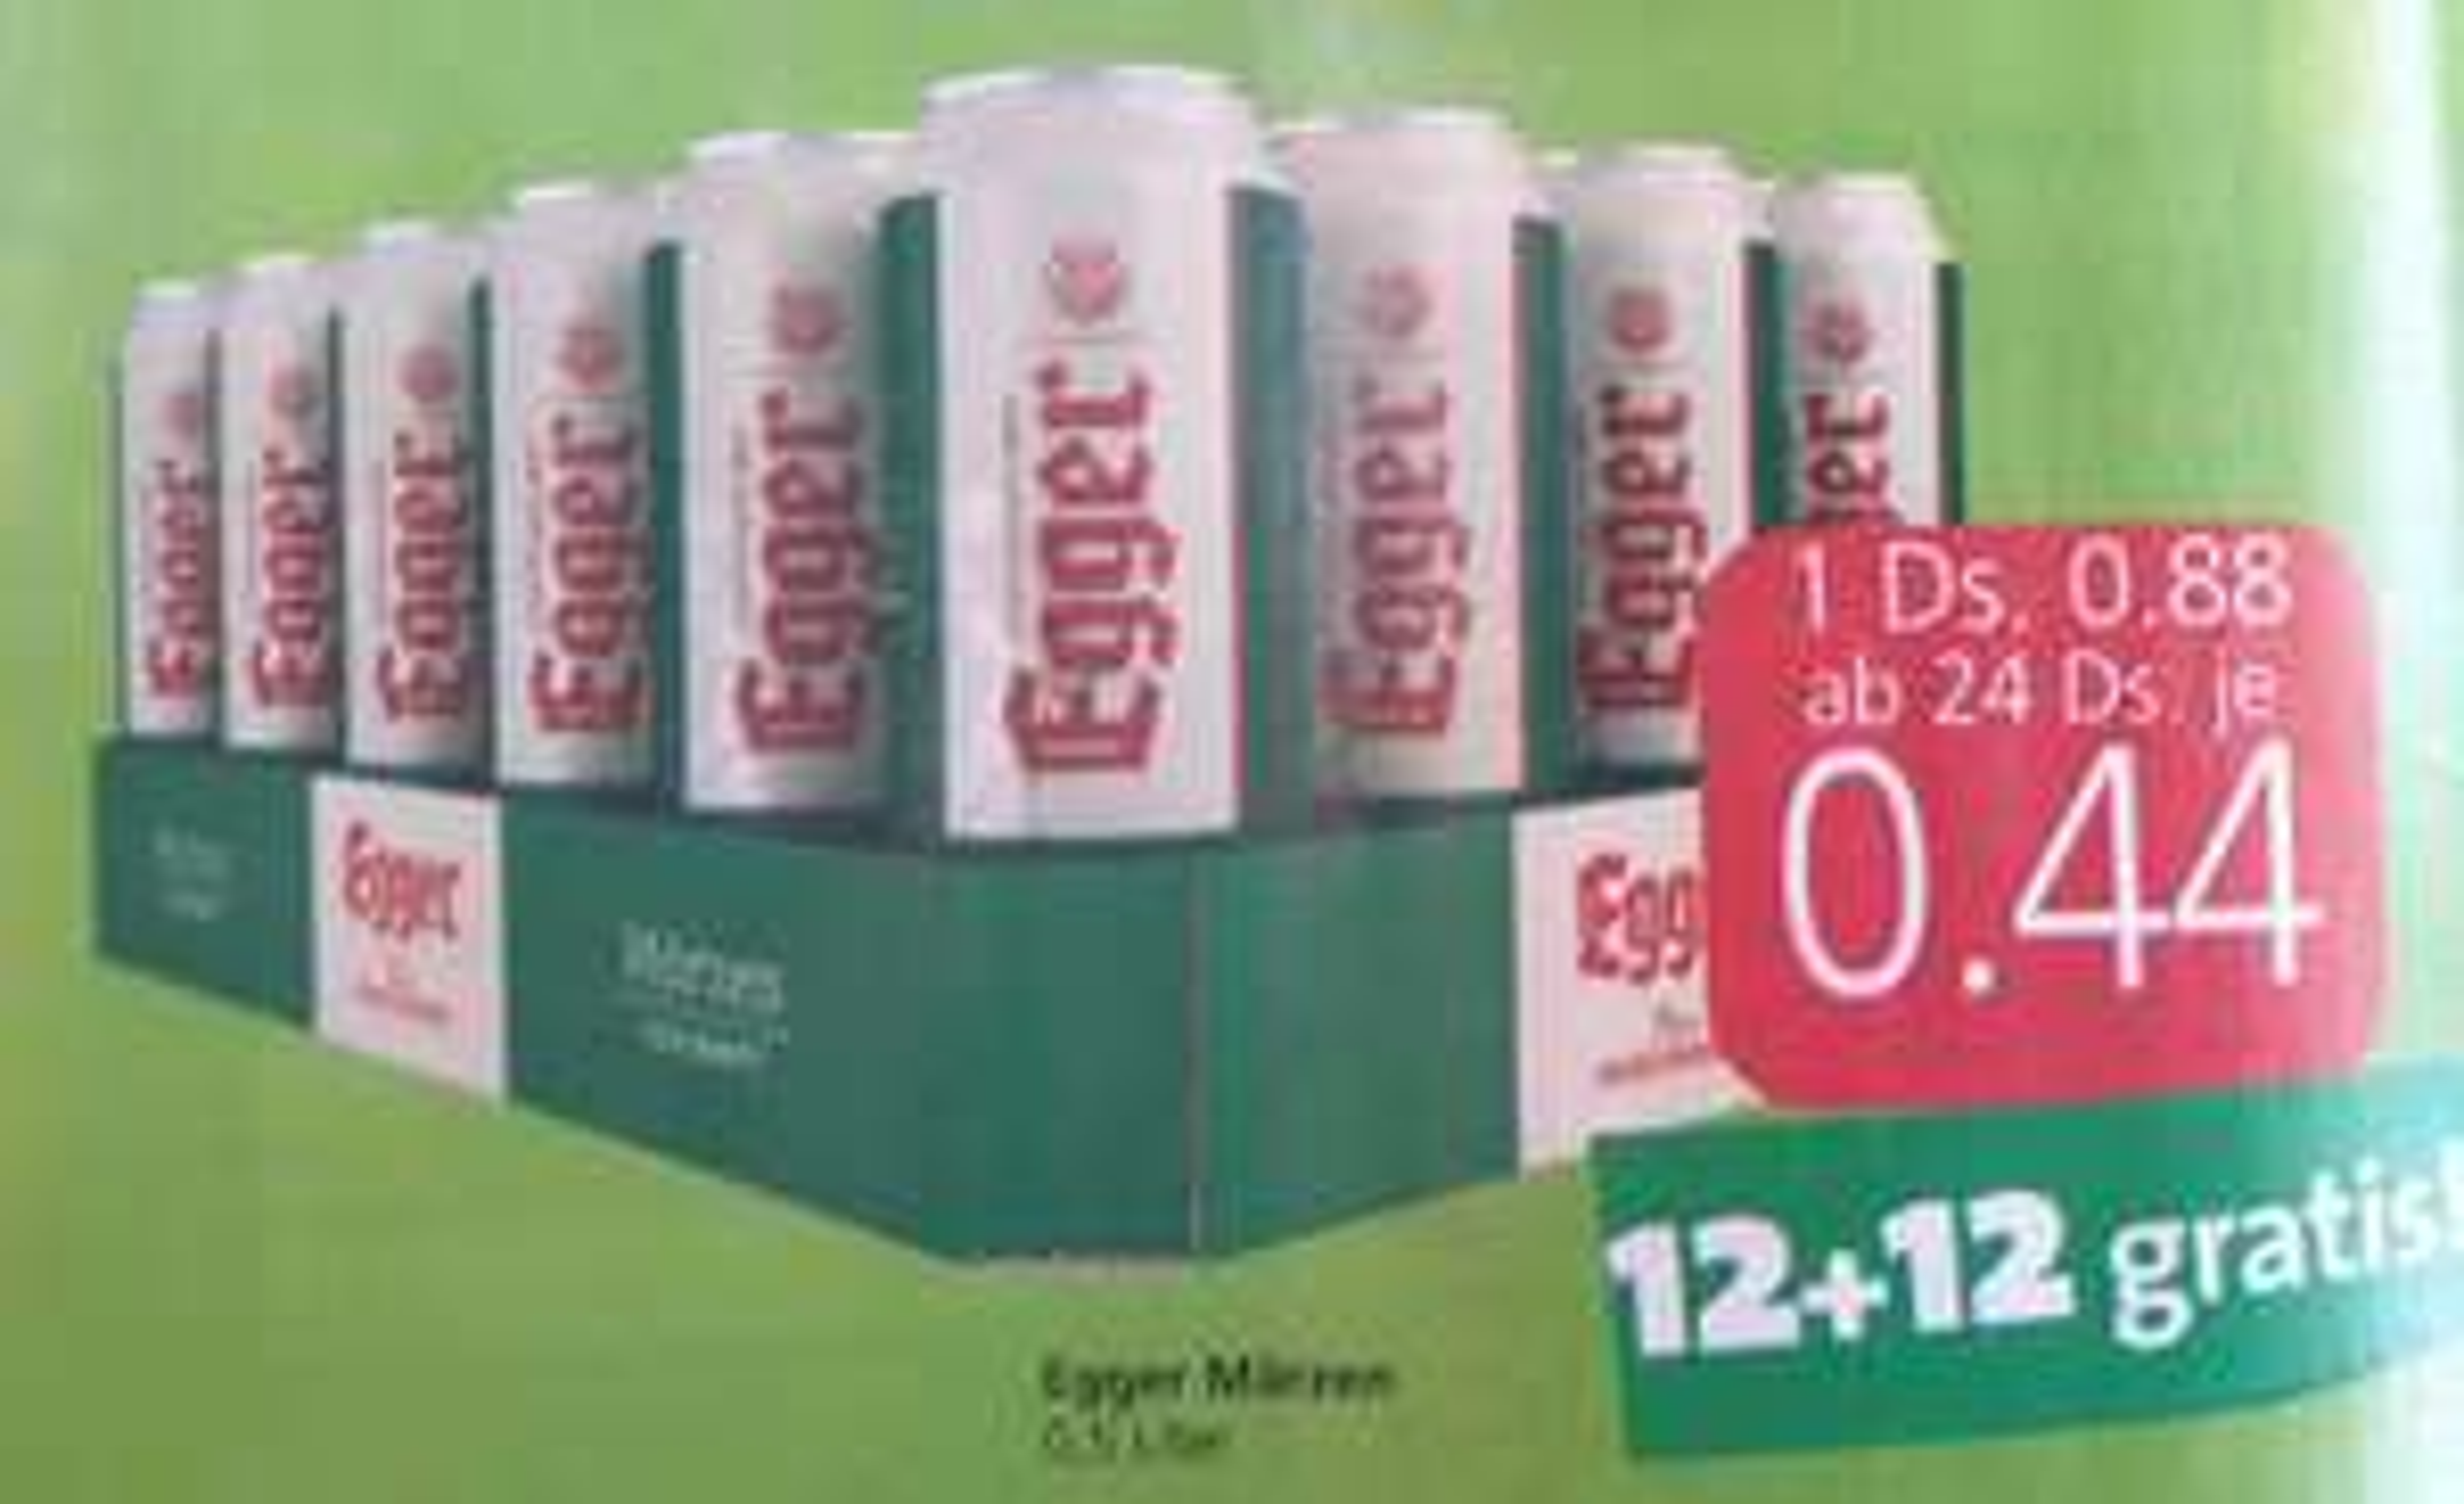 Egger Märzen Dosenbier um 0,44 ab 22.7. bei Spar, Eurospar und Interspar